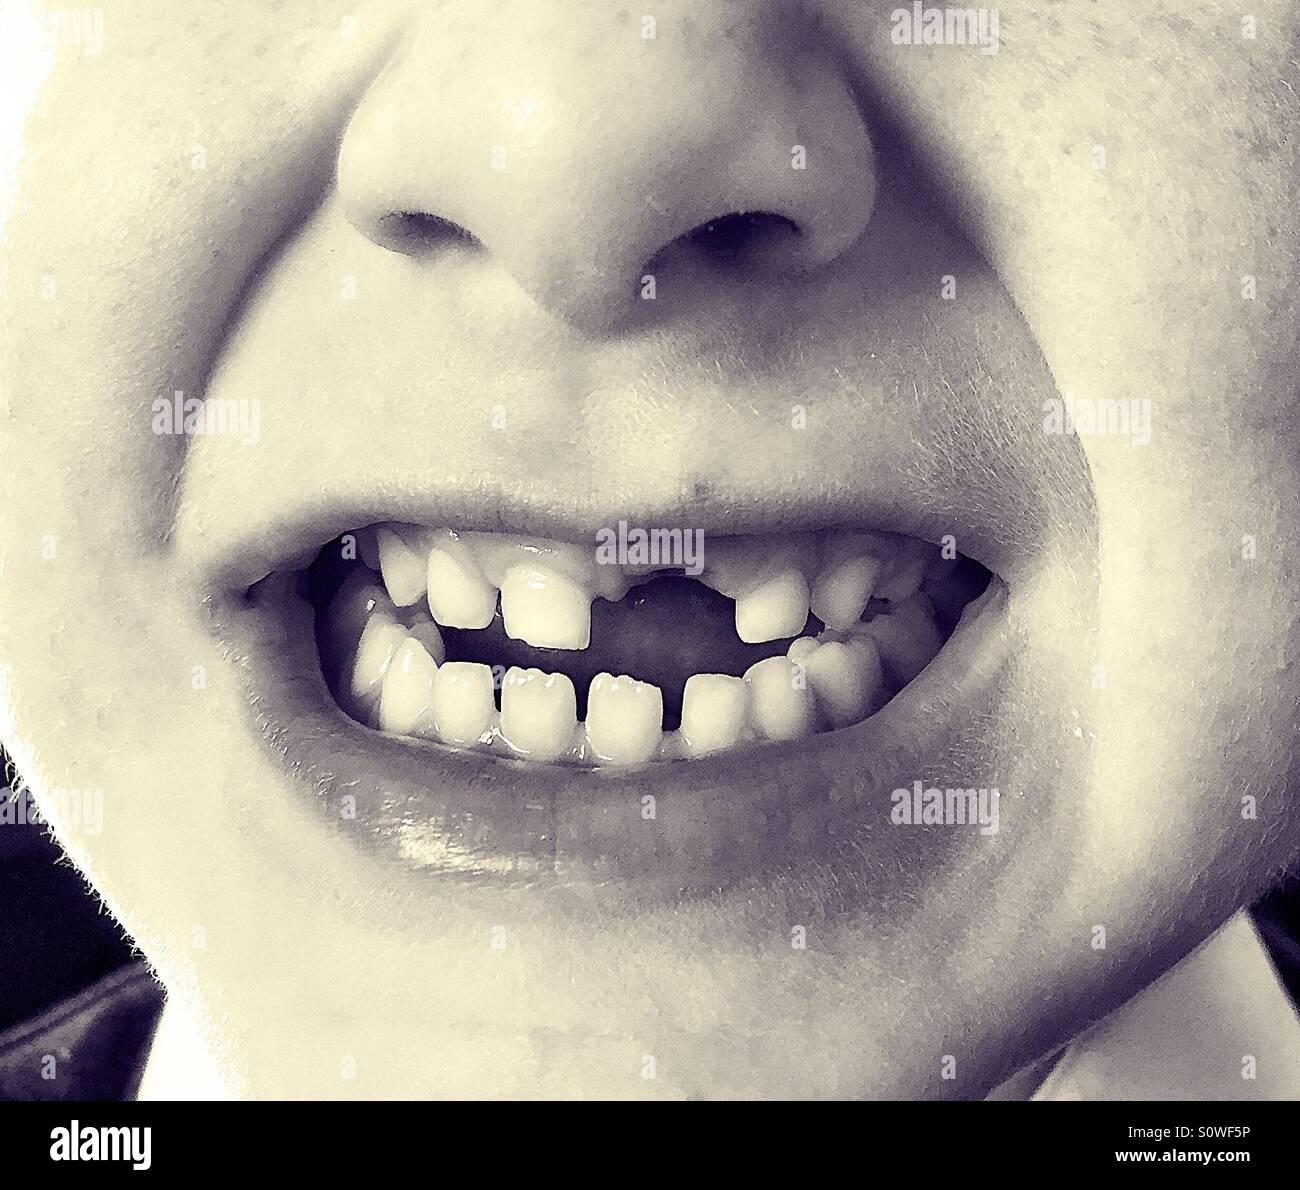 L'enfant manque dent de devant. Photo Stock